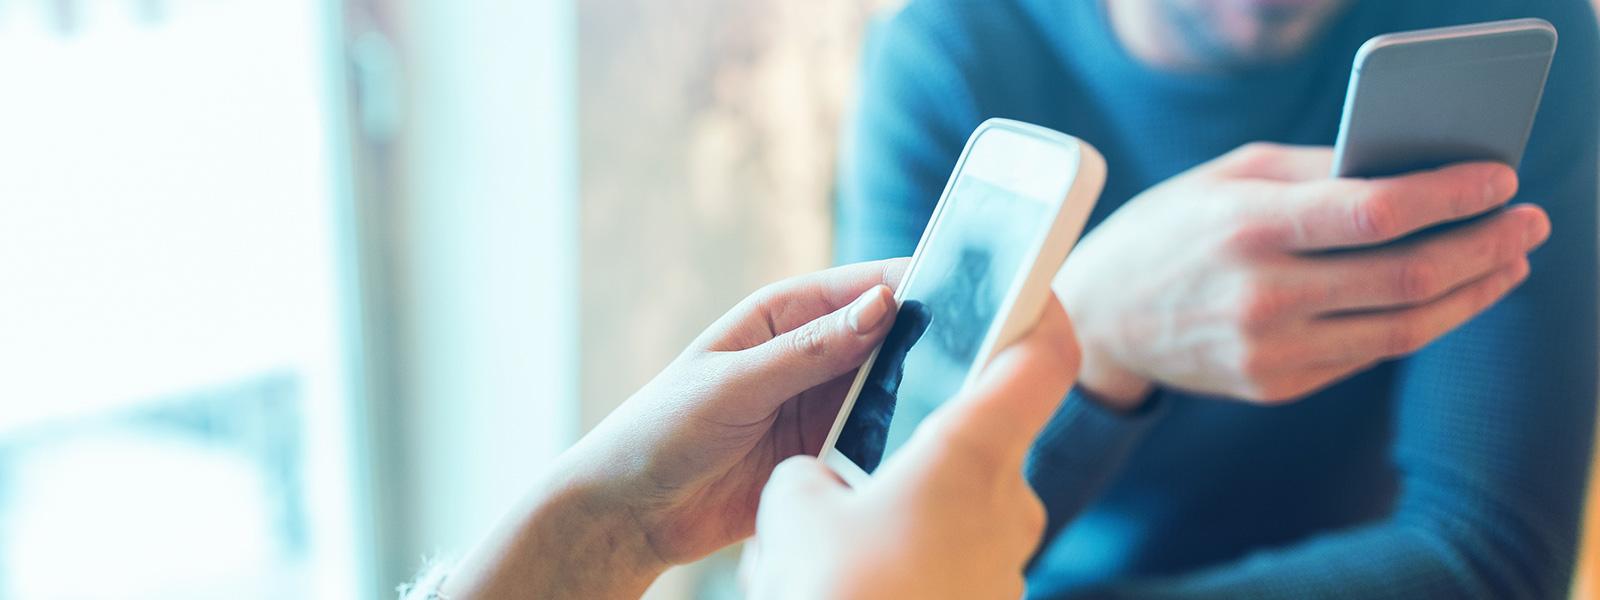 localizando-pessoas-celular-mais-protecao-toda-familia-blog-ceabs